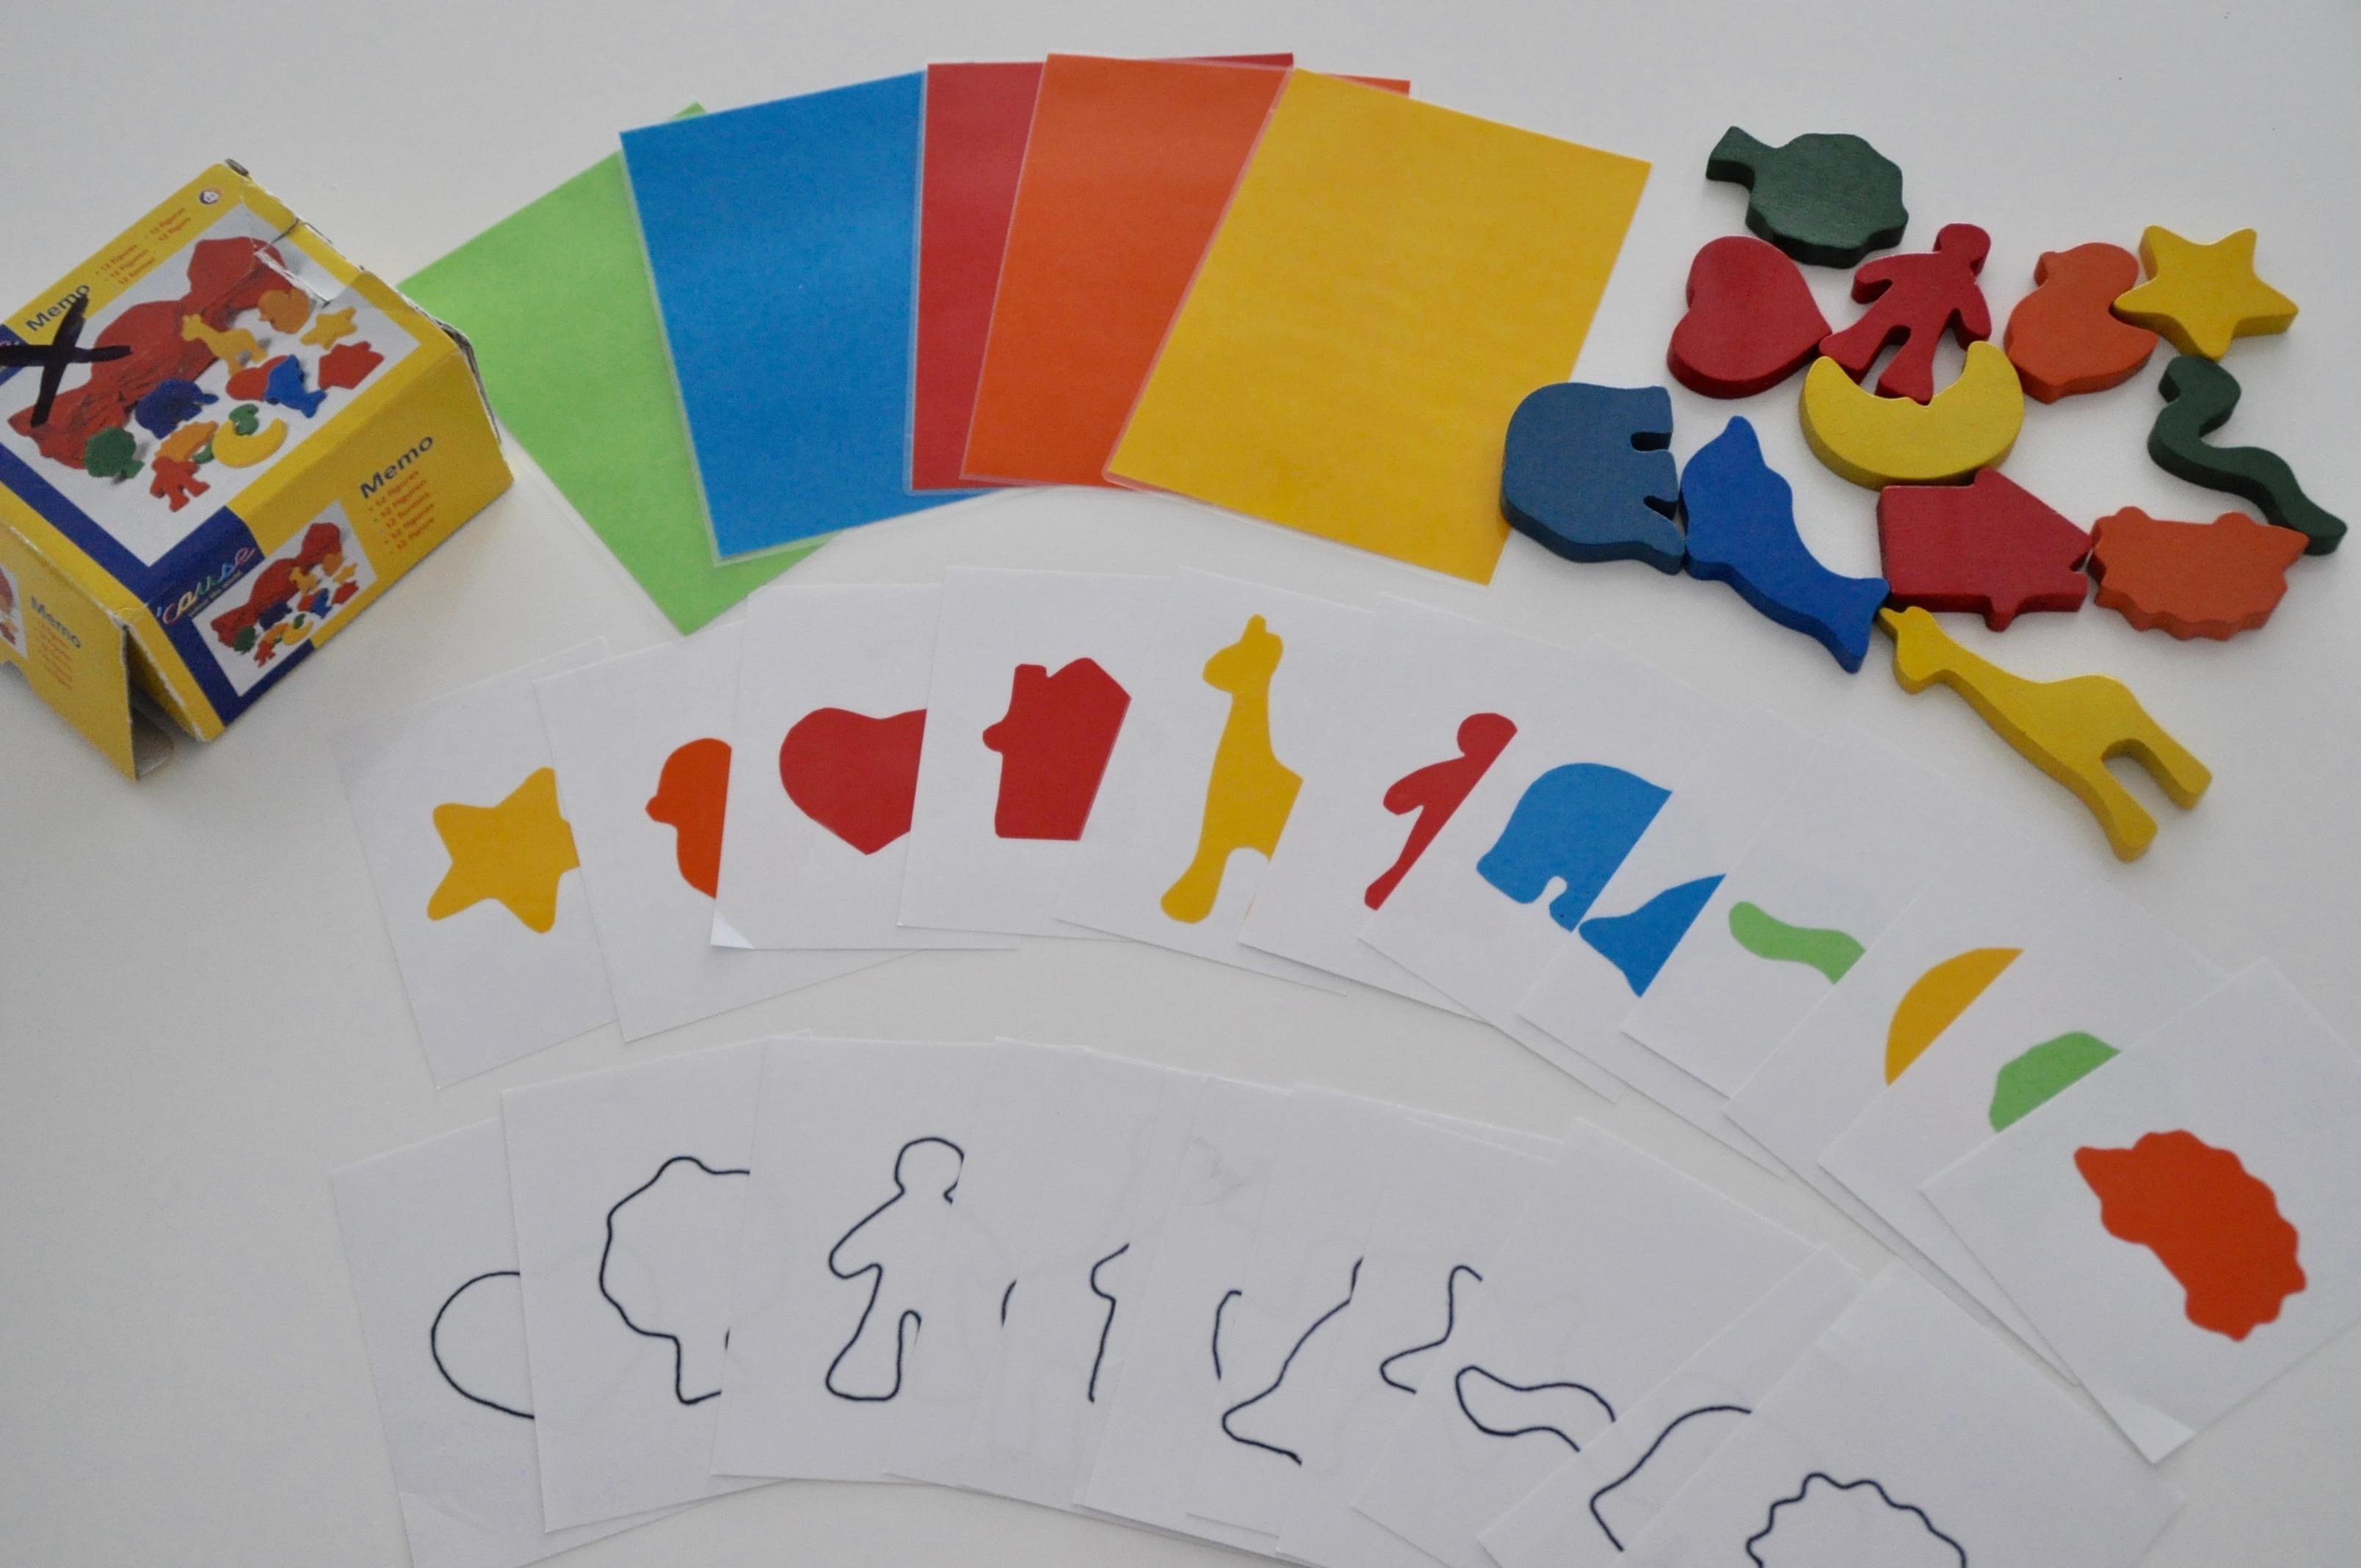 montessori inspirierte spiele selber machen farben lernen figuren zuordnen mamablog einer. Black Bedroom Furniture Sets. Home Design Ideas